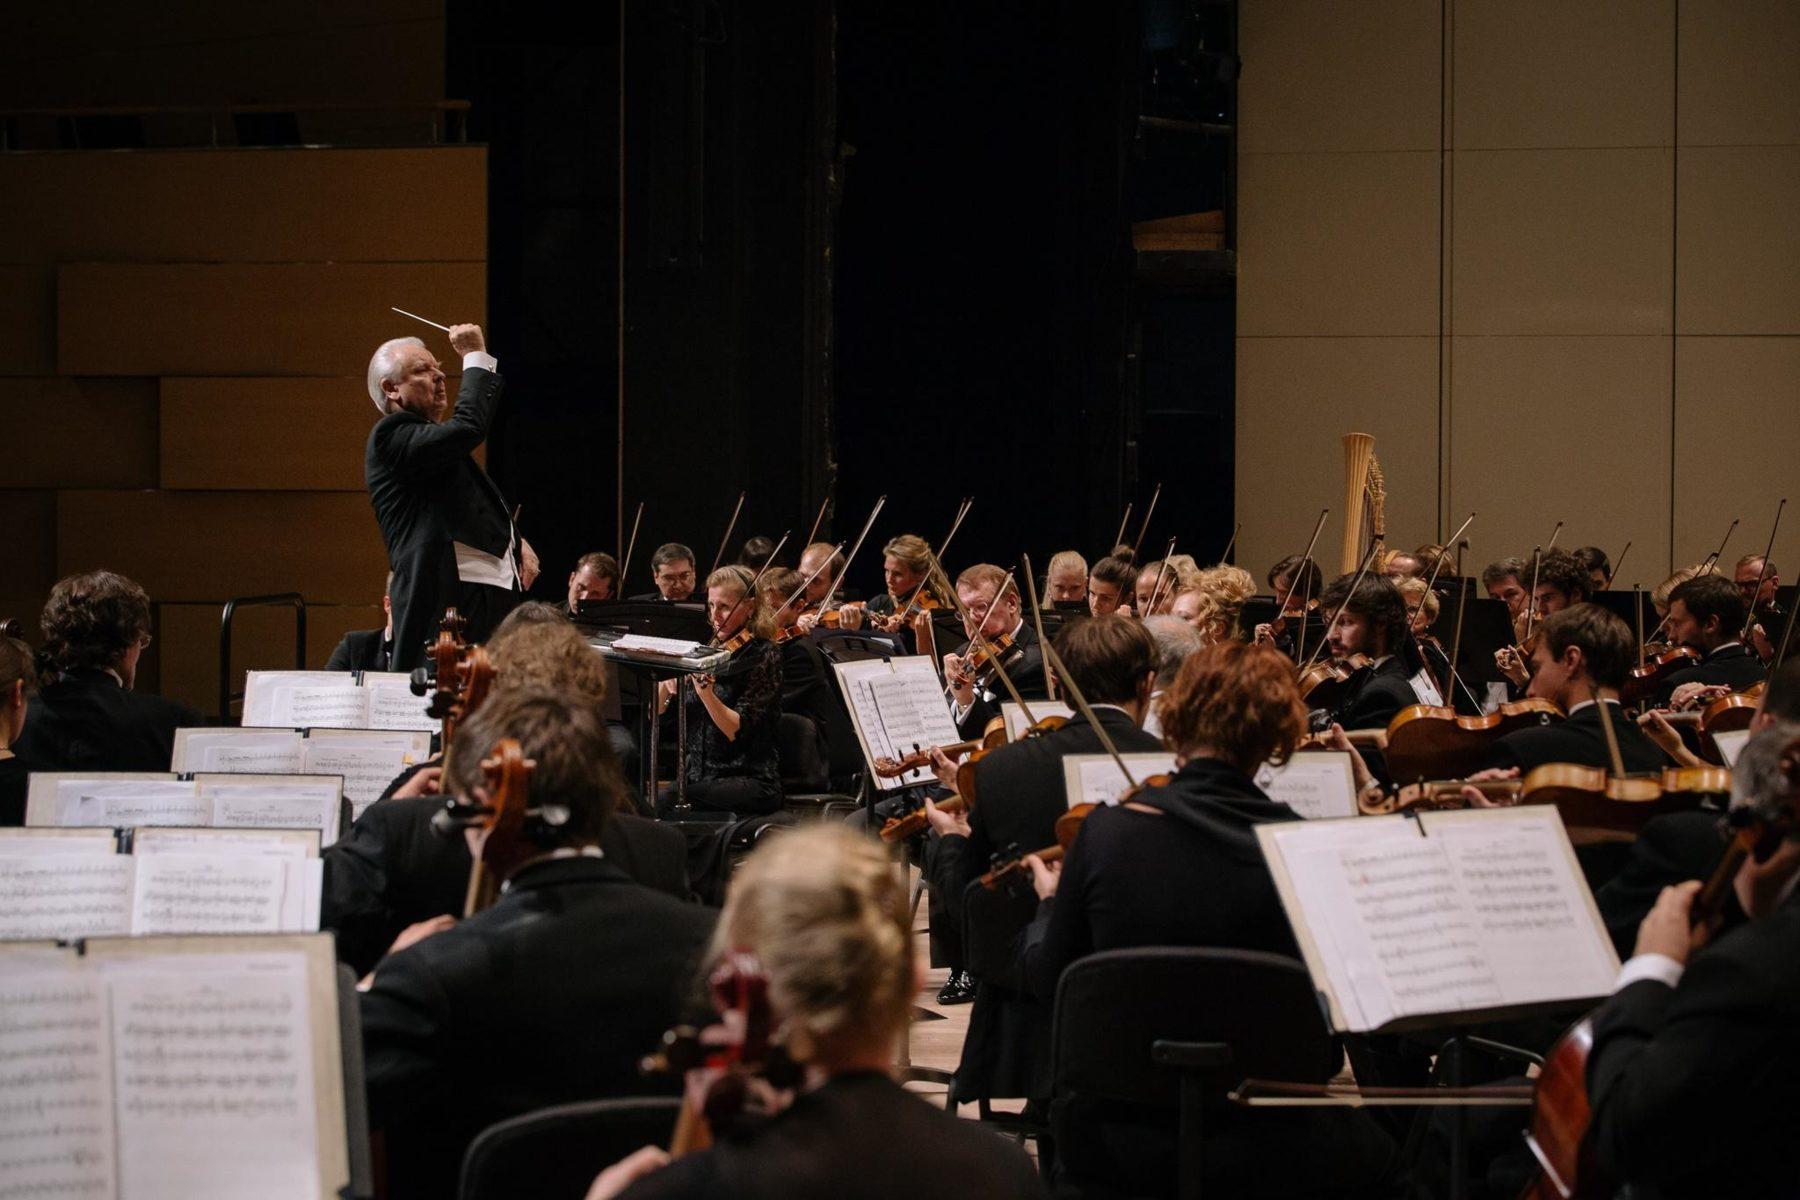 Концерт «Рахманинов и Сибелиус – классика ХХ века» в Филармонии-2 – события на сайте «Московские Сезоны»